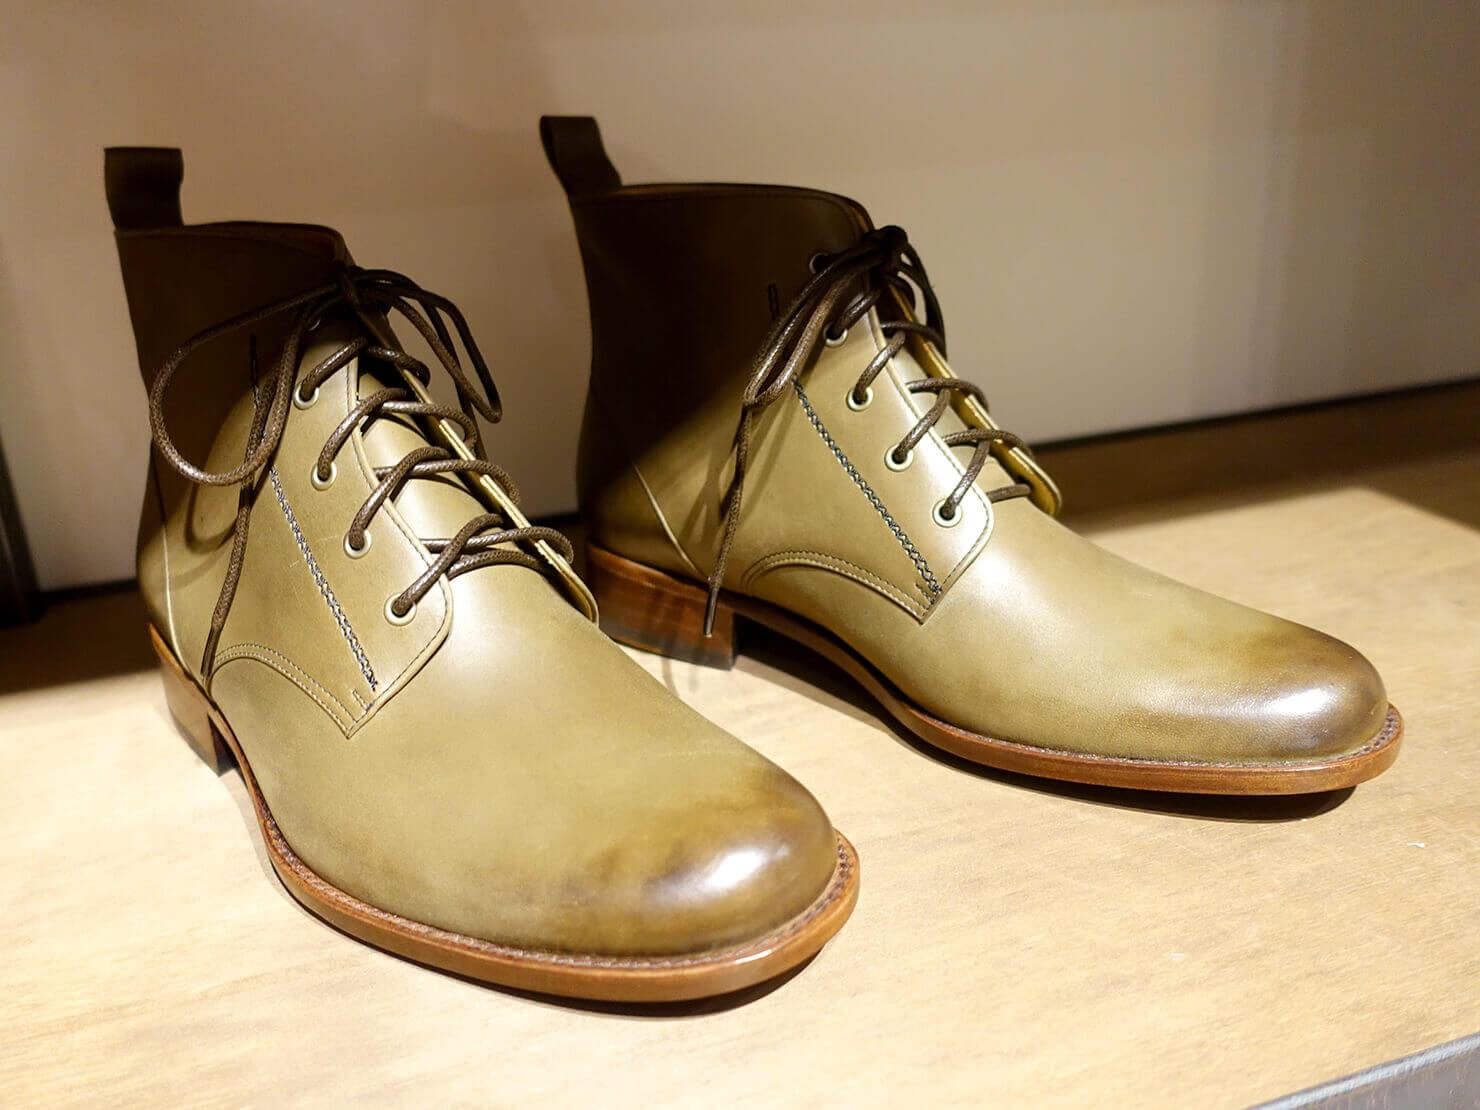 台湾のおすすめ革靴ブランド「林果良品 ORINGO」台北東門店に並ぶメンズの靴子(ブーツ)